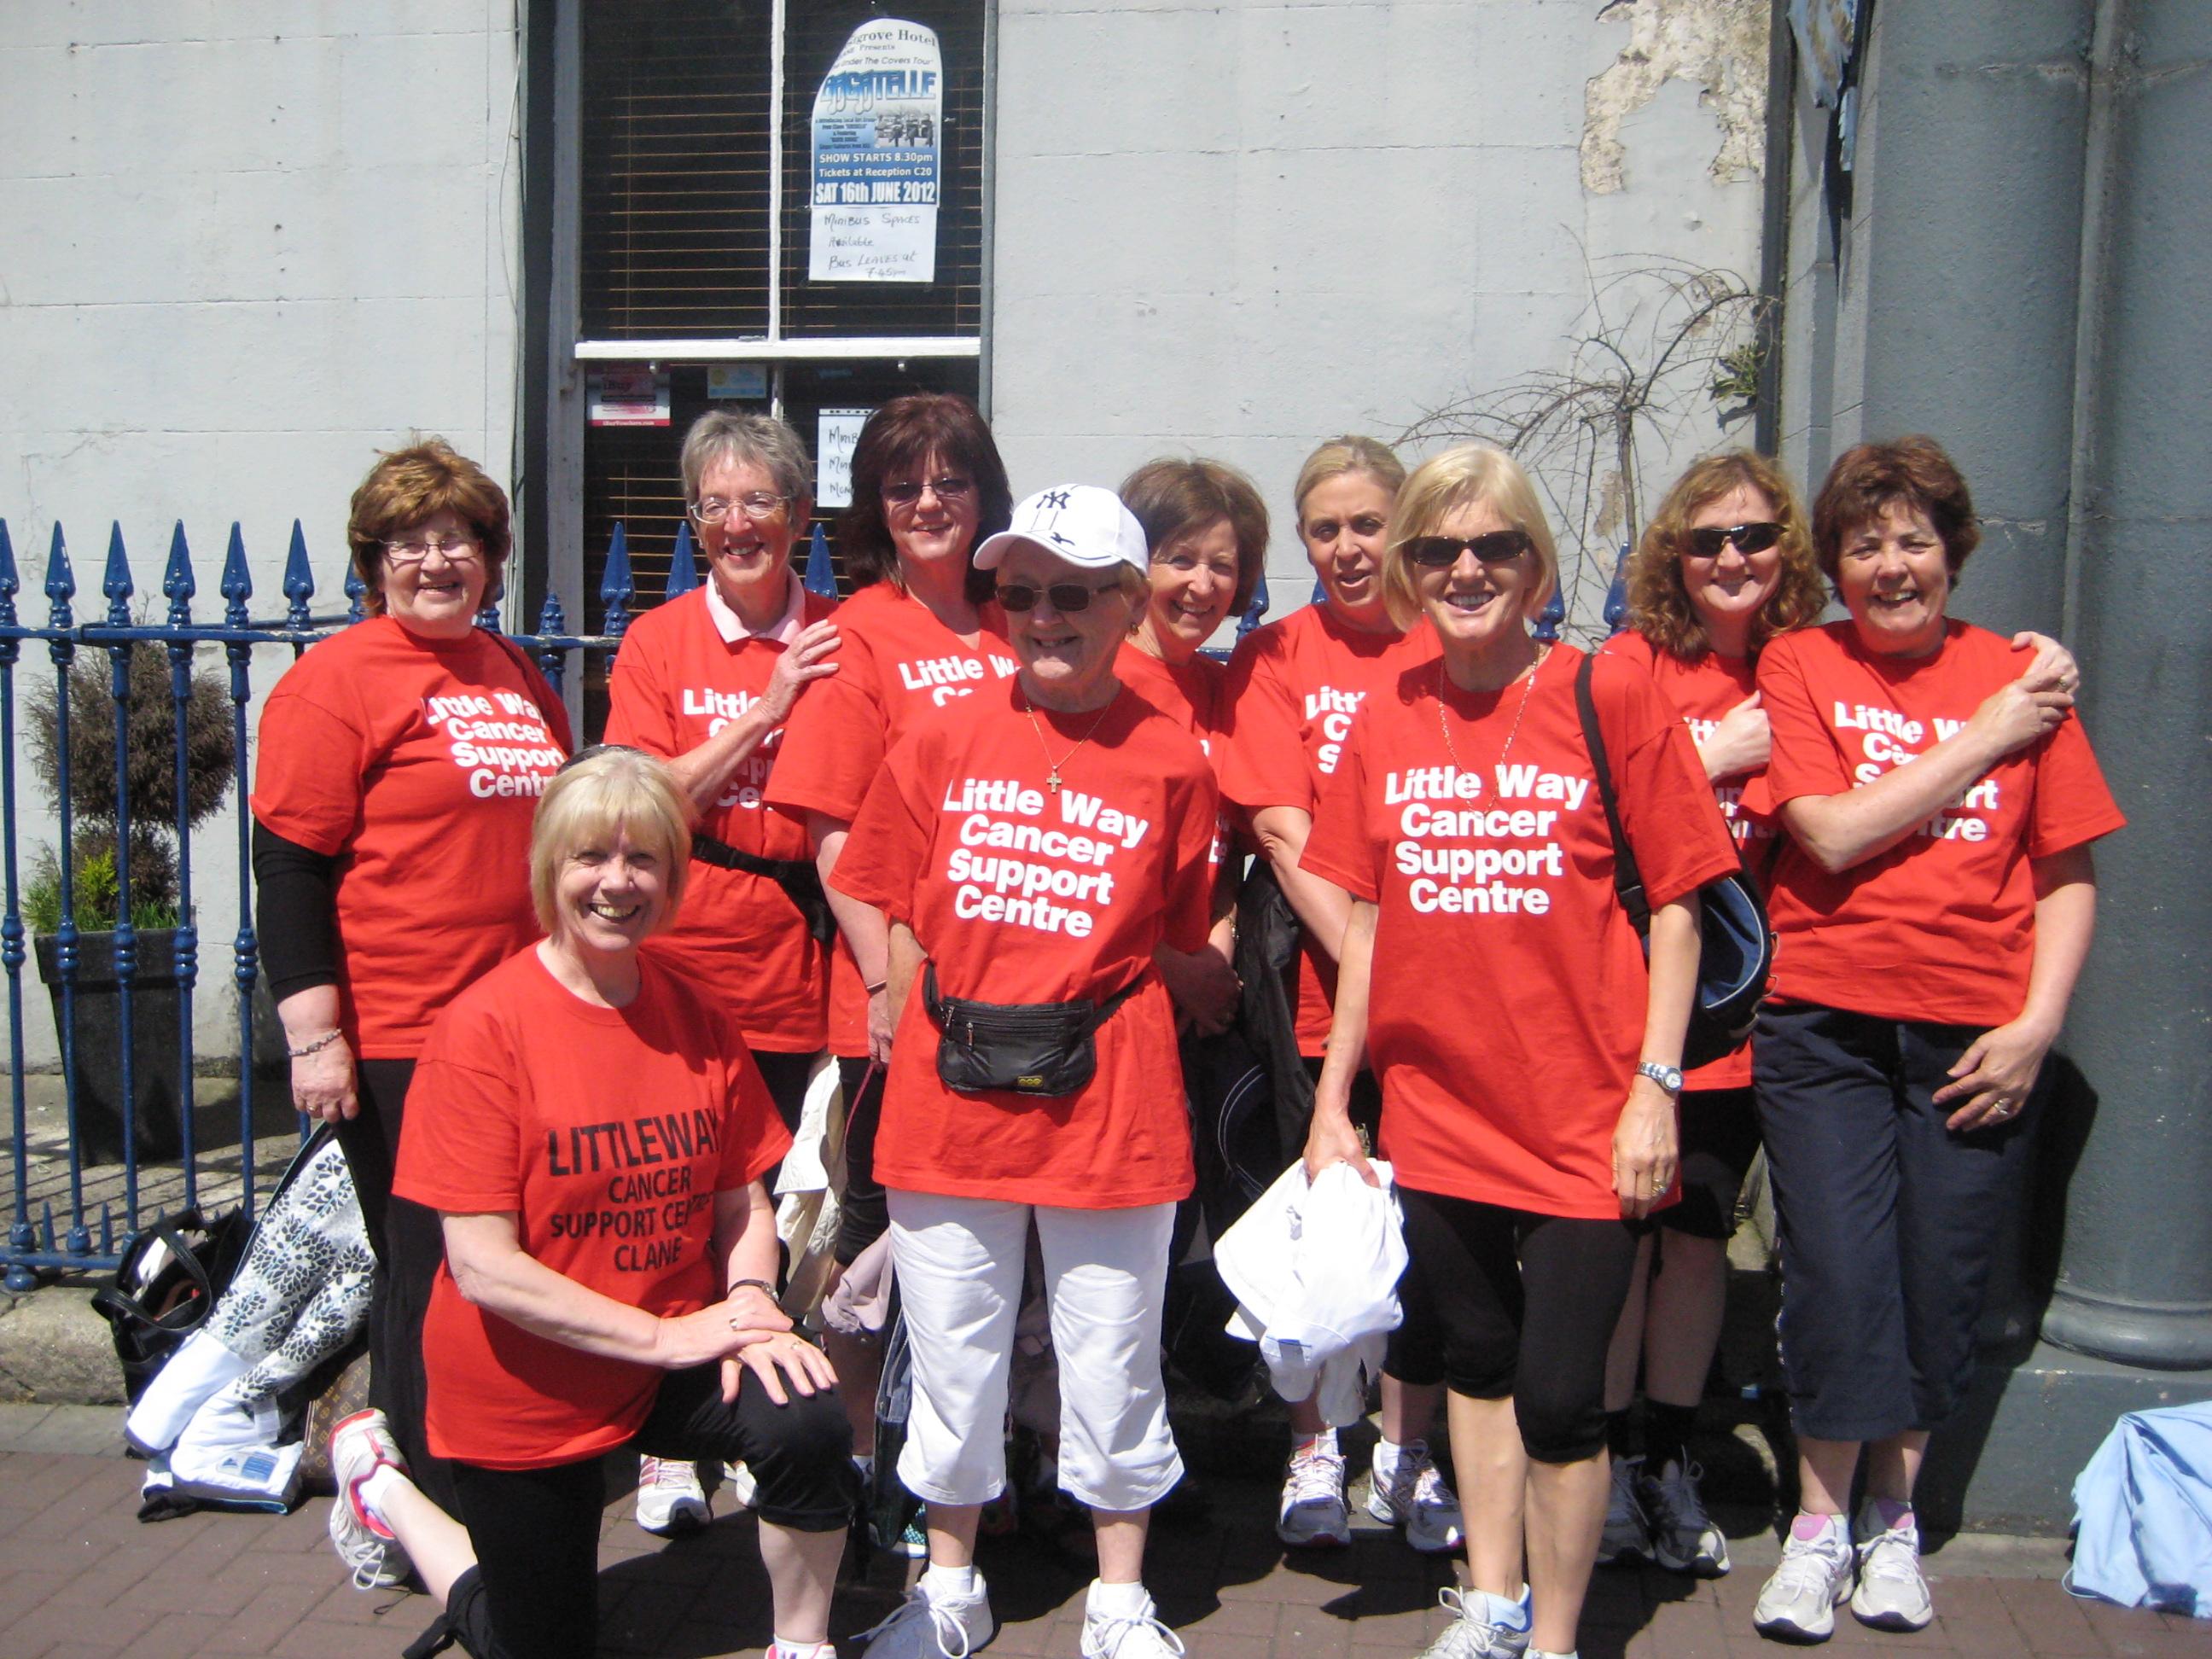 The wonderful Mini-Marathon ladies, who raised vital funds for Little Way!